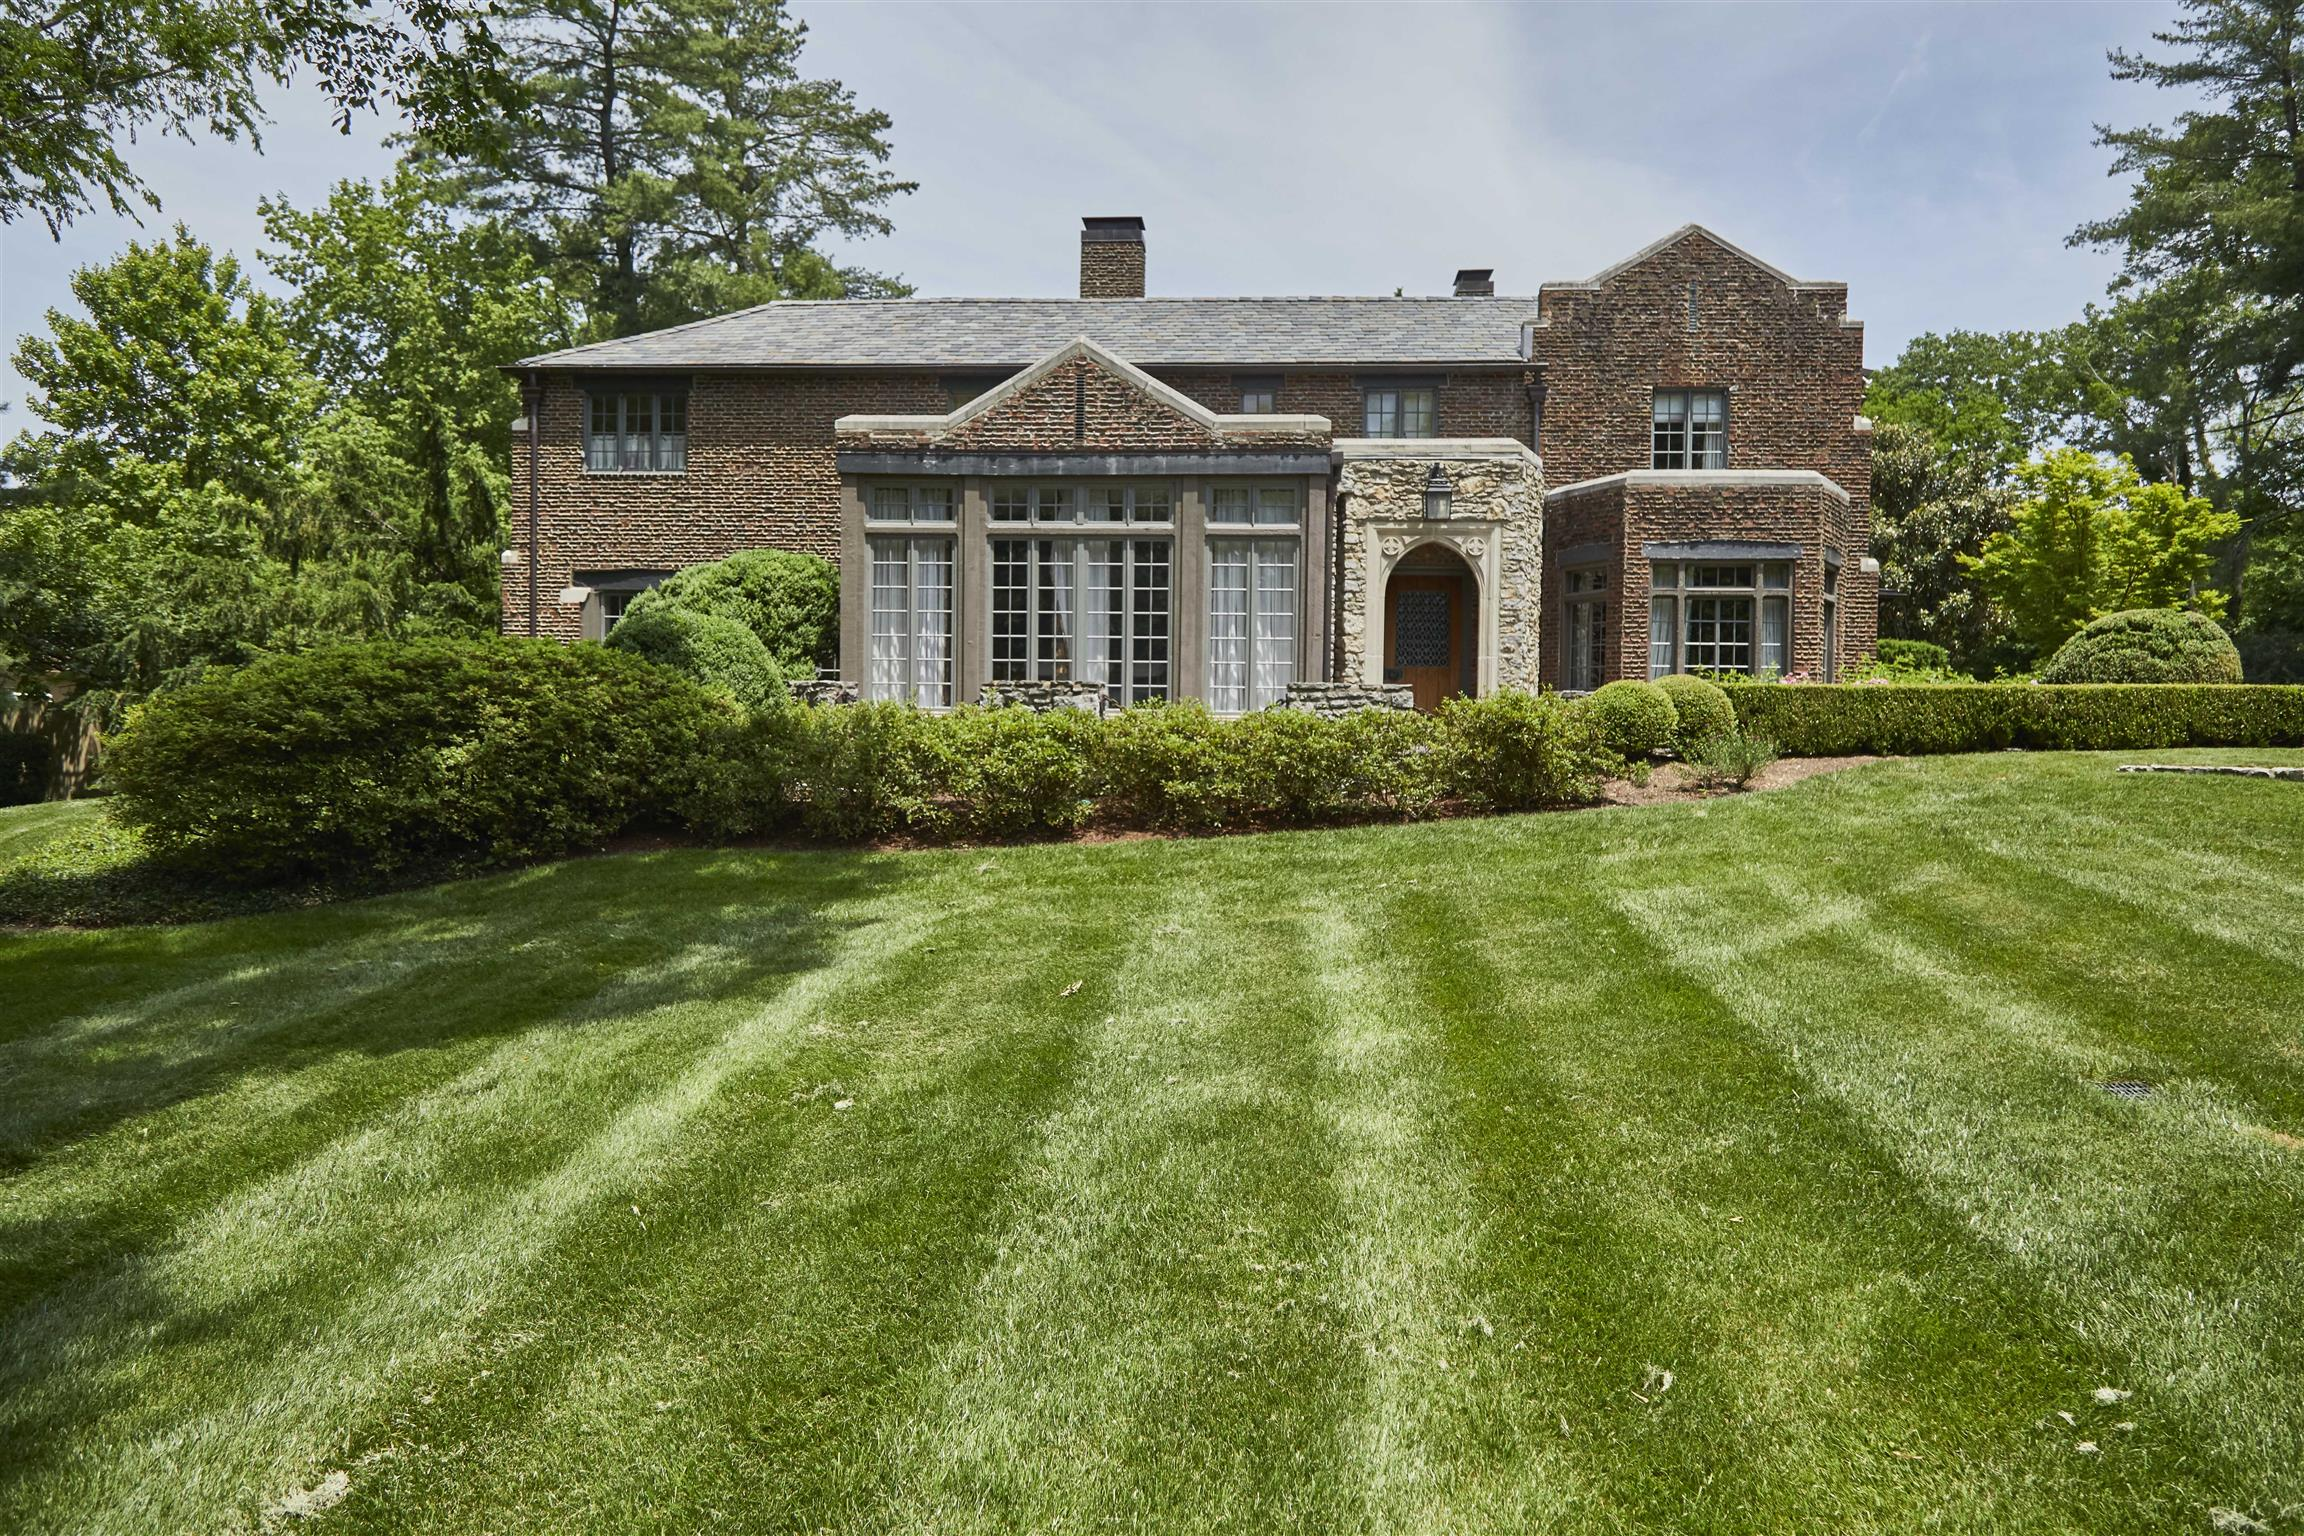 $3,900,000 - 4Br/5Ba -  for Sale in Belle Meade, Nashville